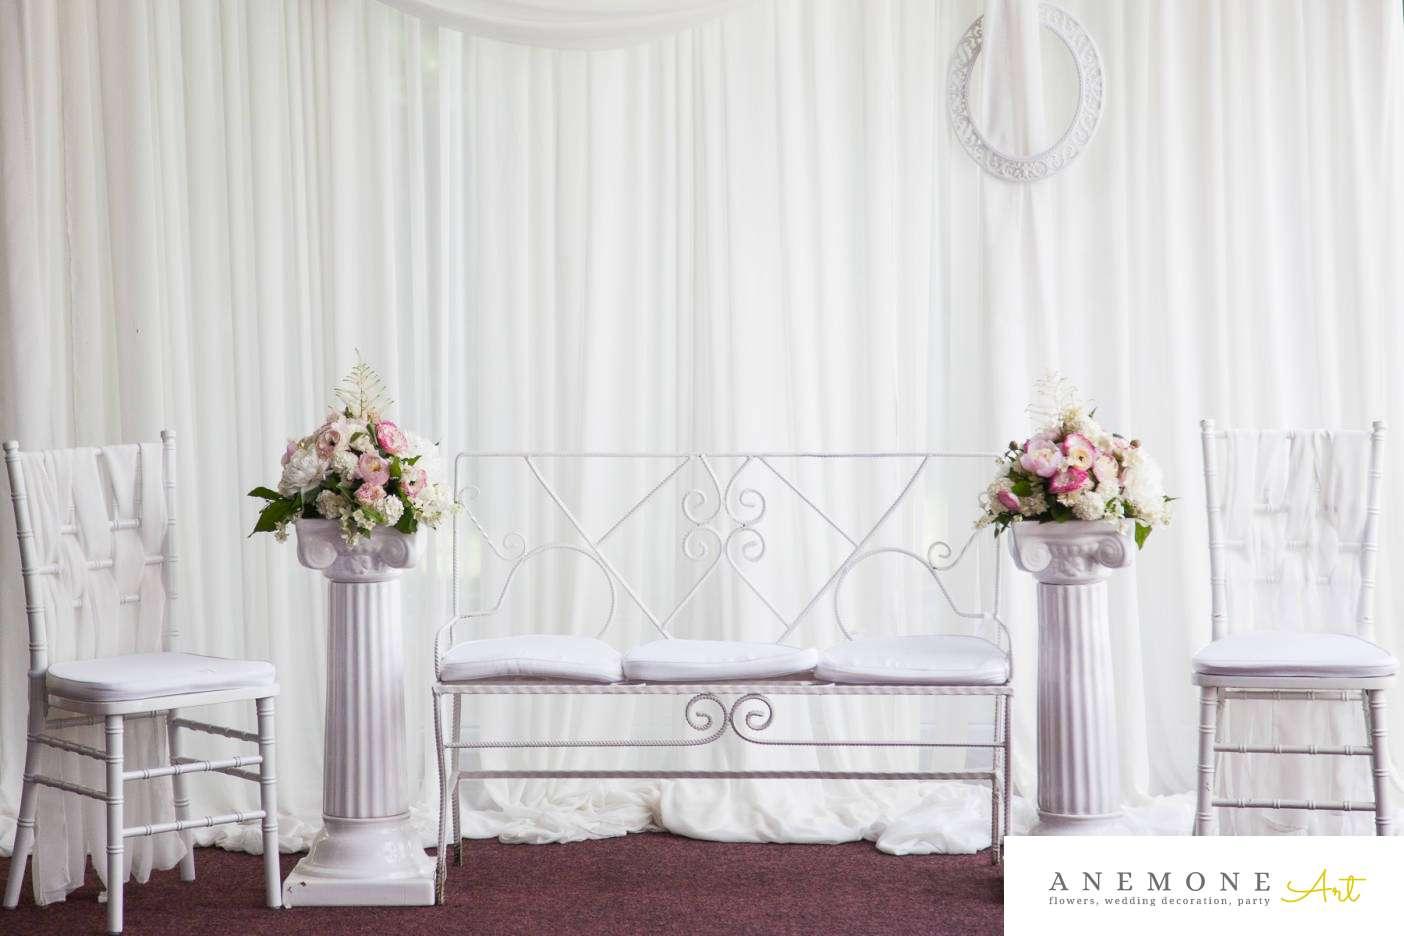 Poza, foto cu Flori de nunta decor colt photo, stalp ceramica in Arad, Timisoara, Oradea (wedding flowers, bouquets) nunta Arad, Timisoara, Oradea